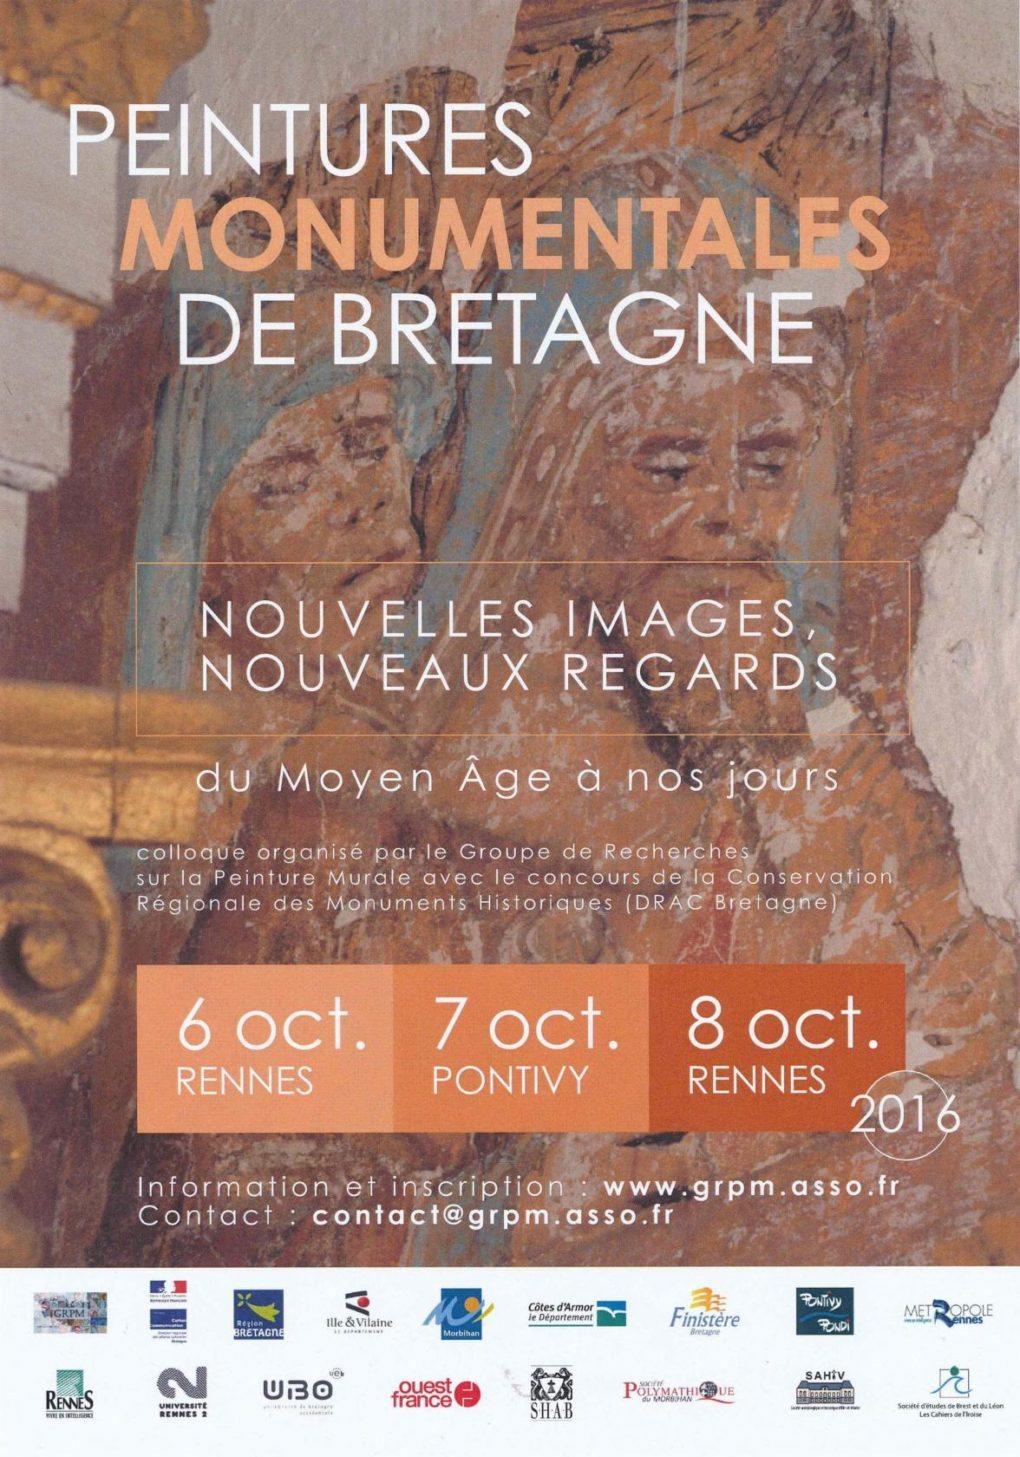 Colloque sur la peinture murale de Bretagne Rennes